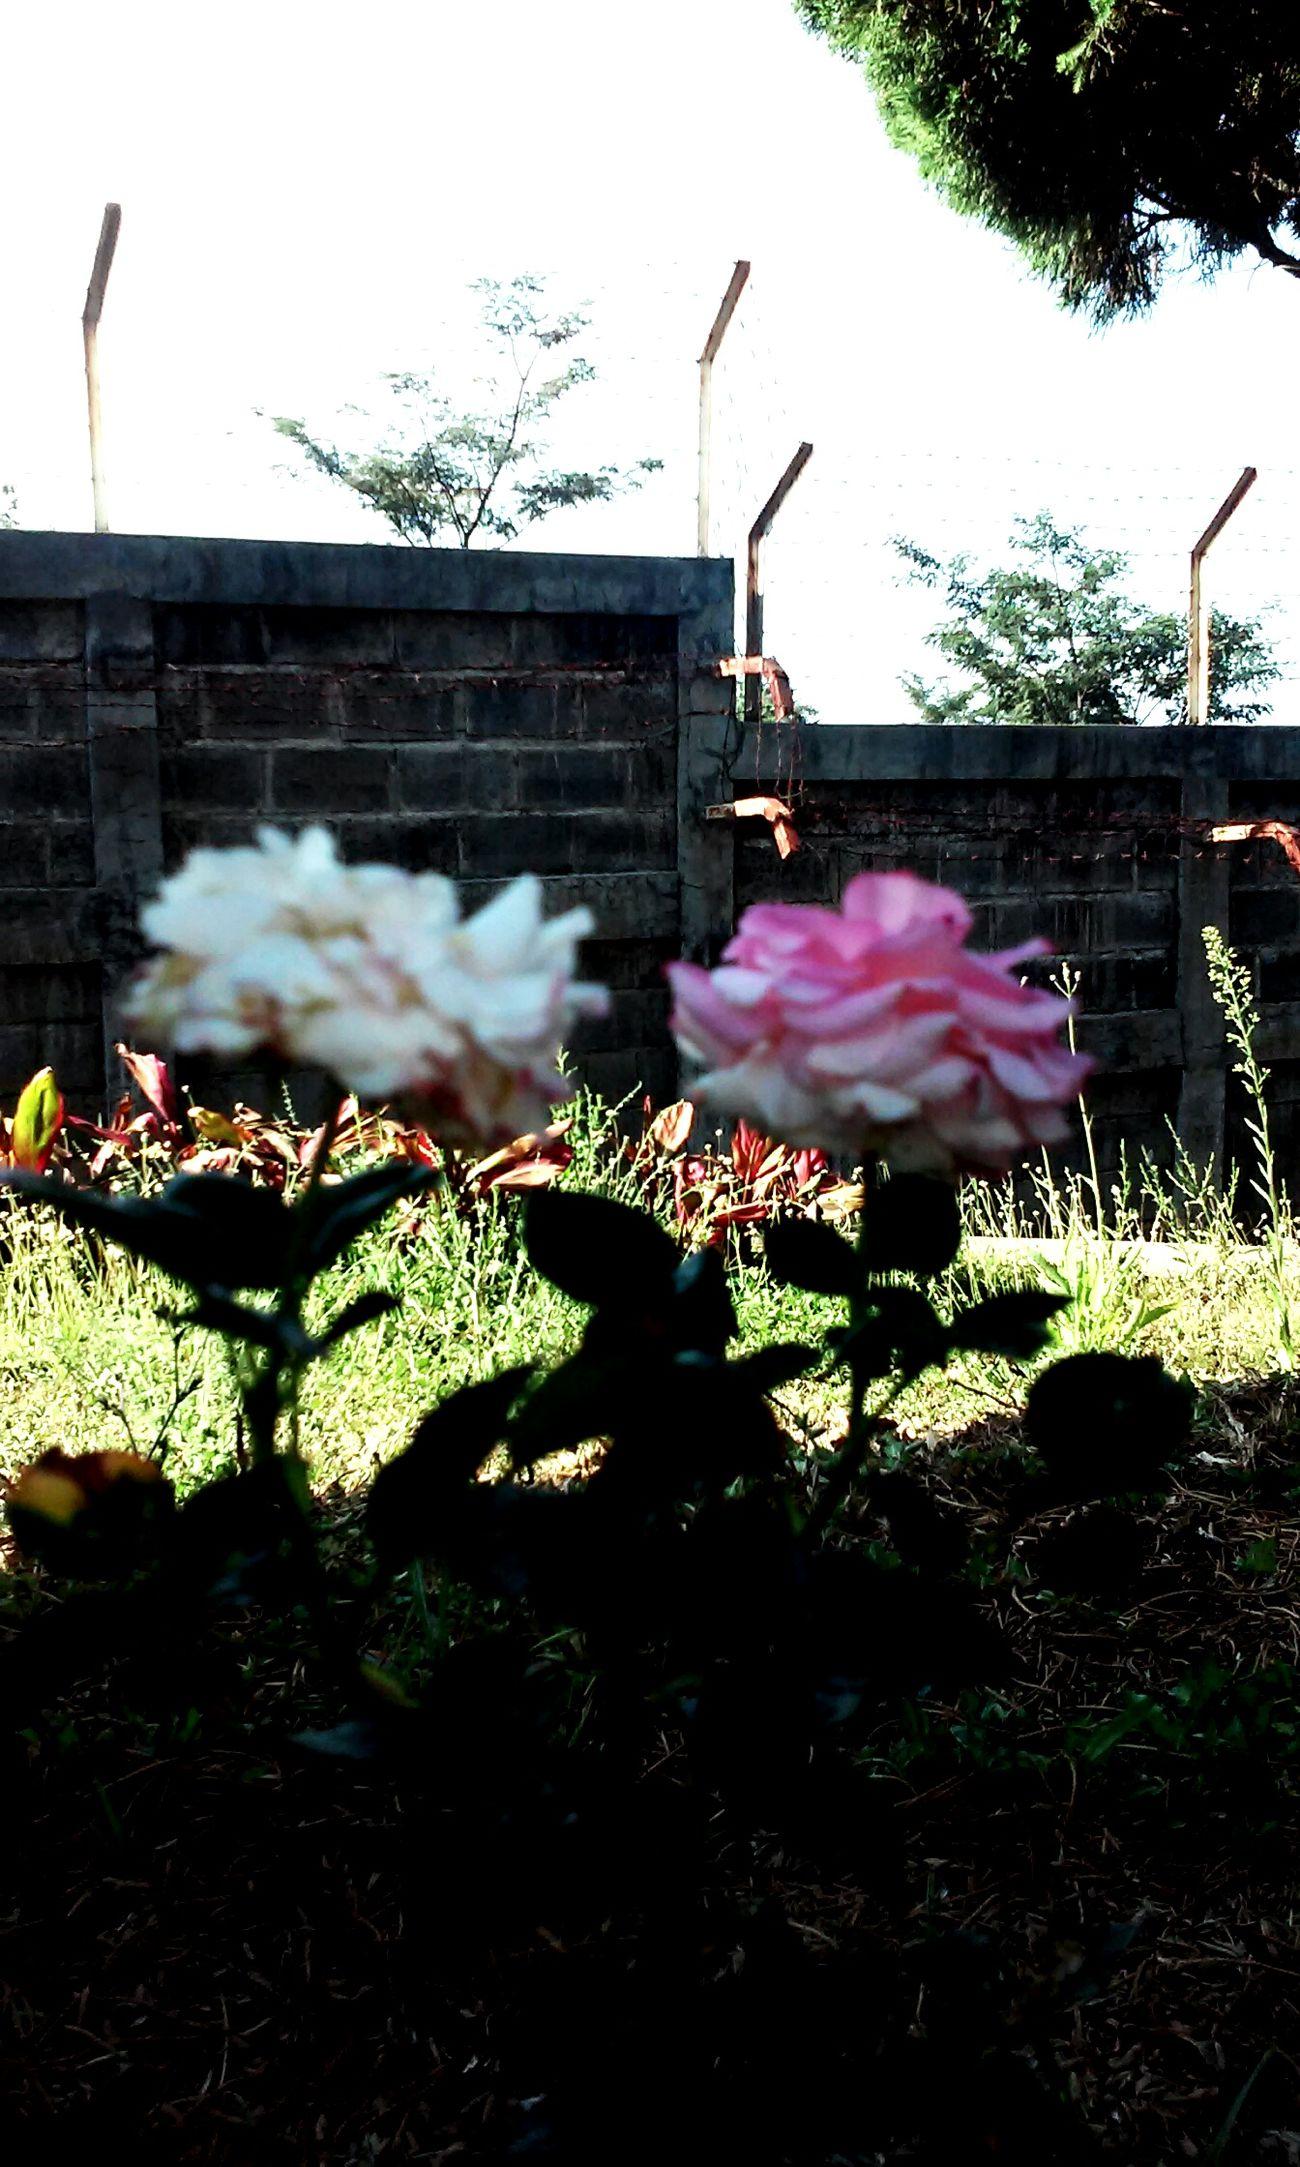 Old Rose Taking Photos